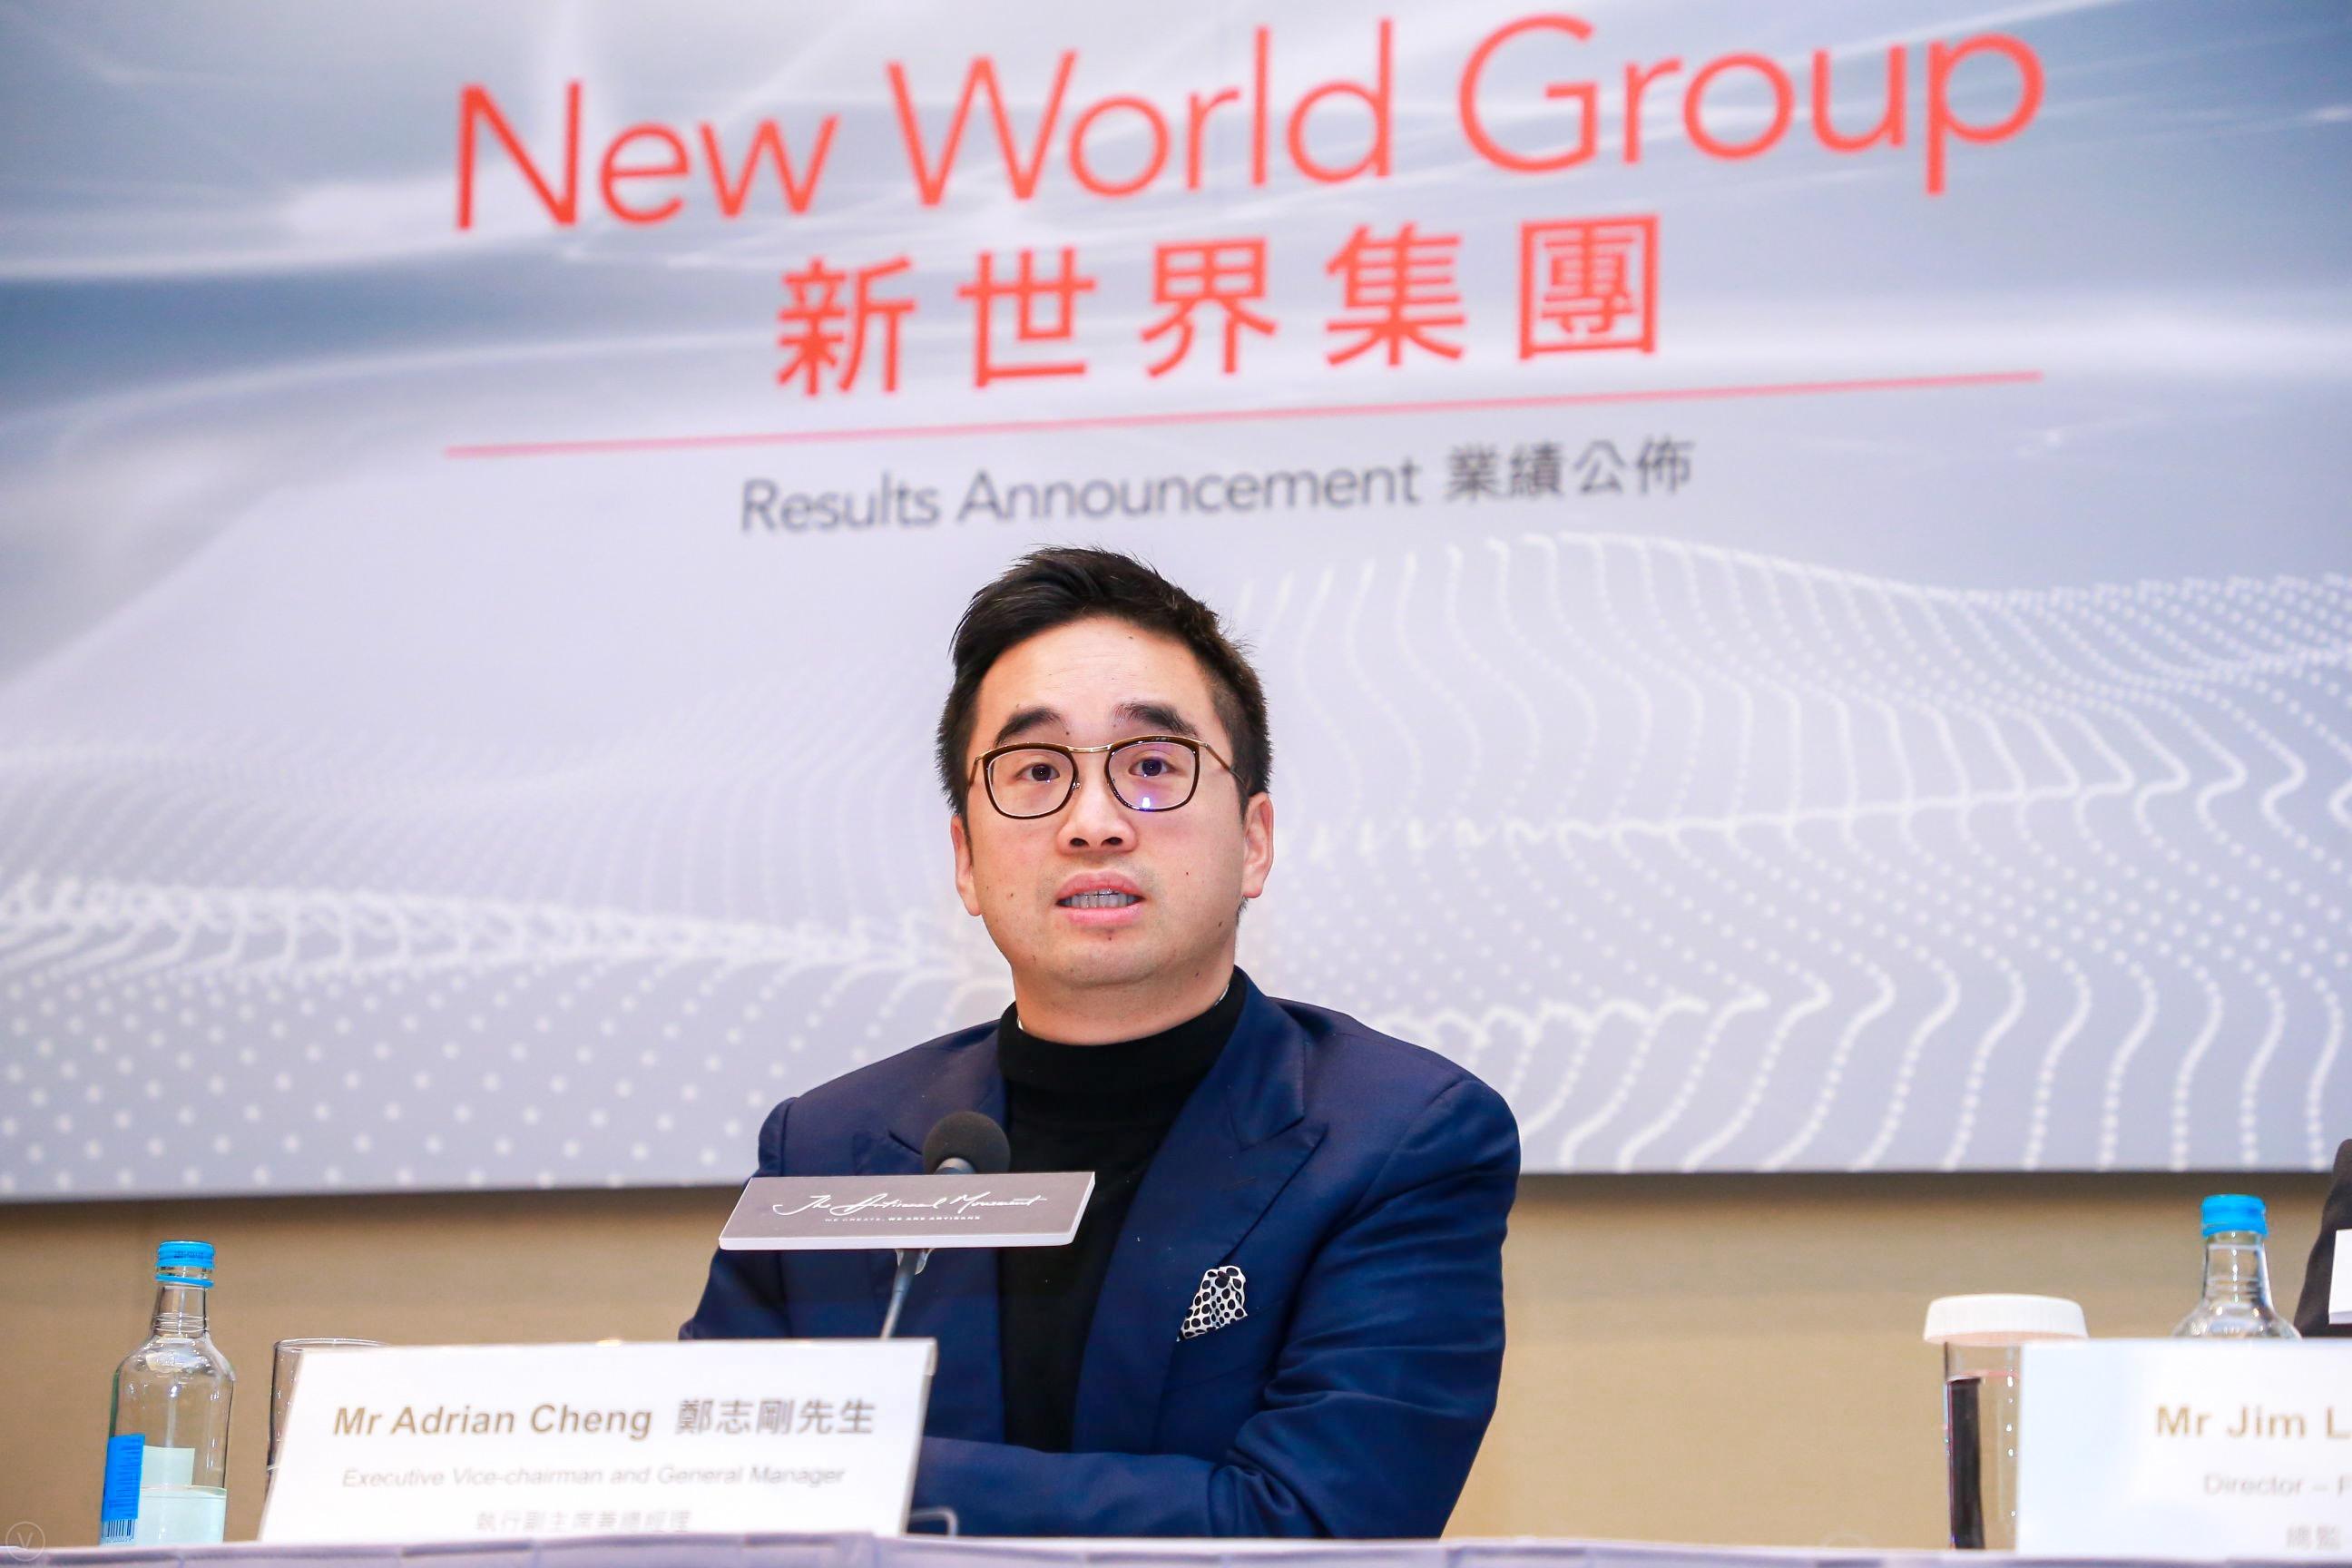 一图看懂新世界发展(0017.HK)2019财年中期业绩